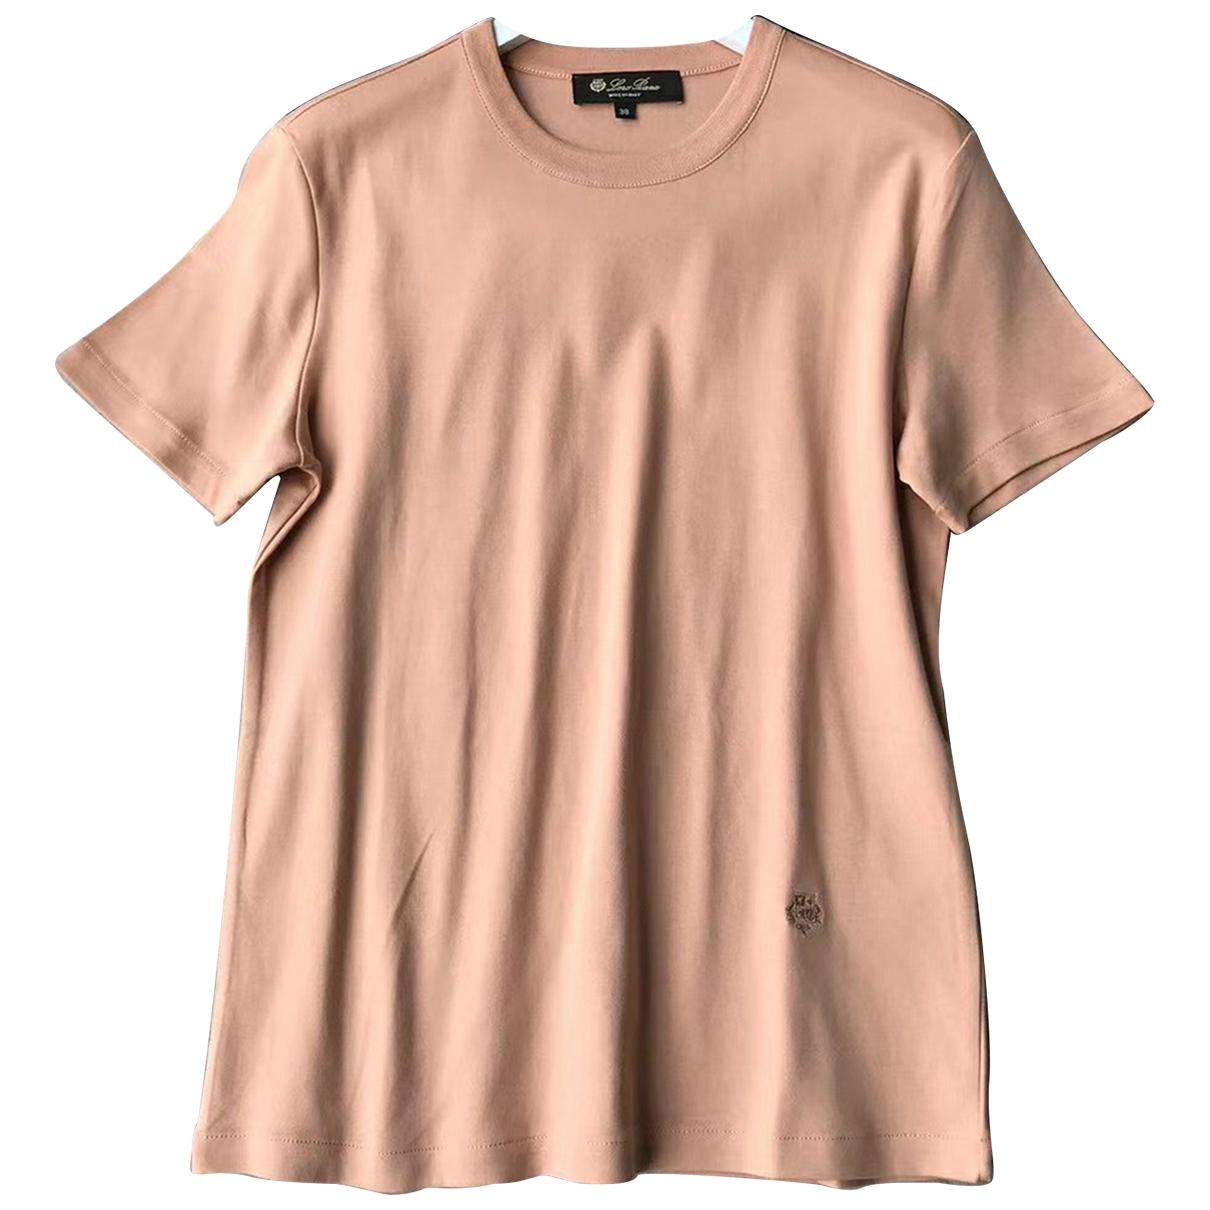 Loro Piana \N Cotton  top for Women 38 IT